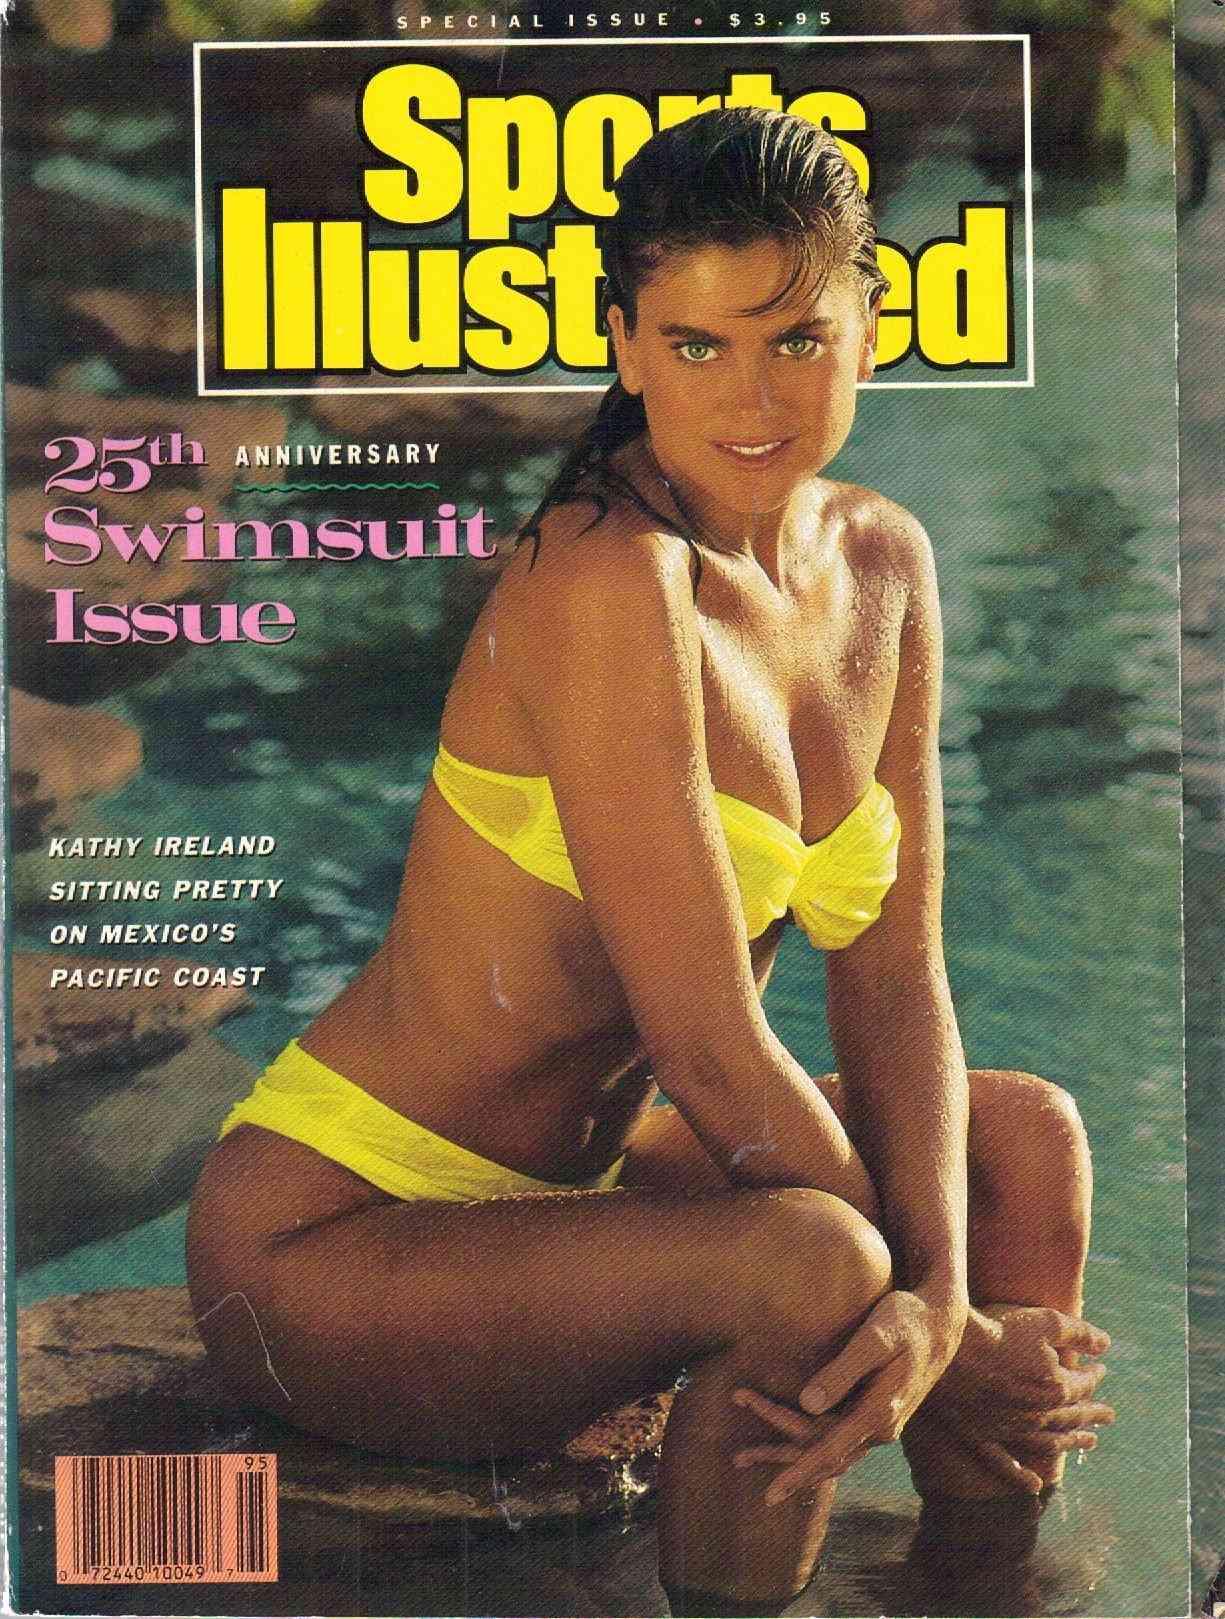 Kathy-Ireland model